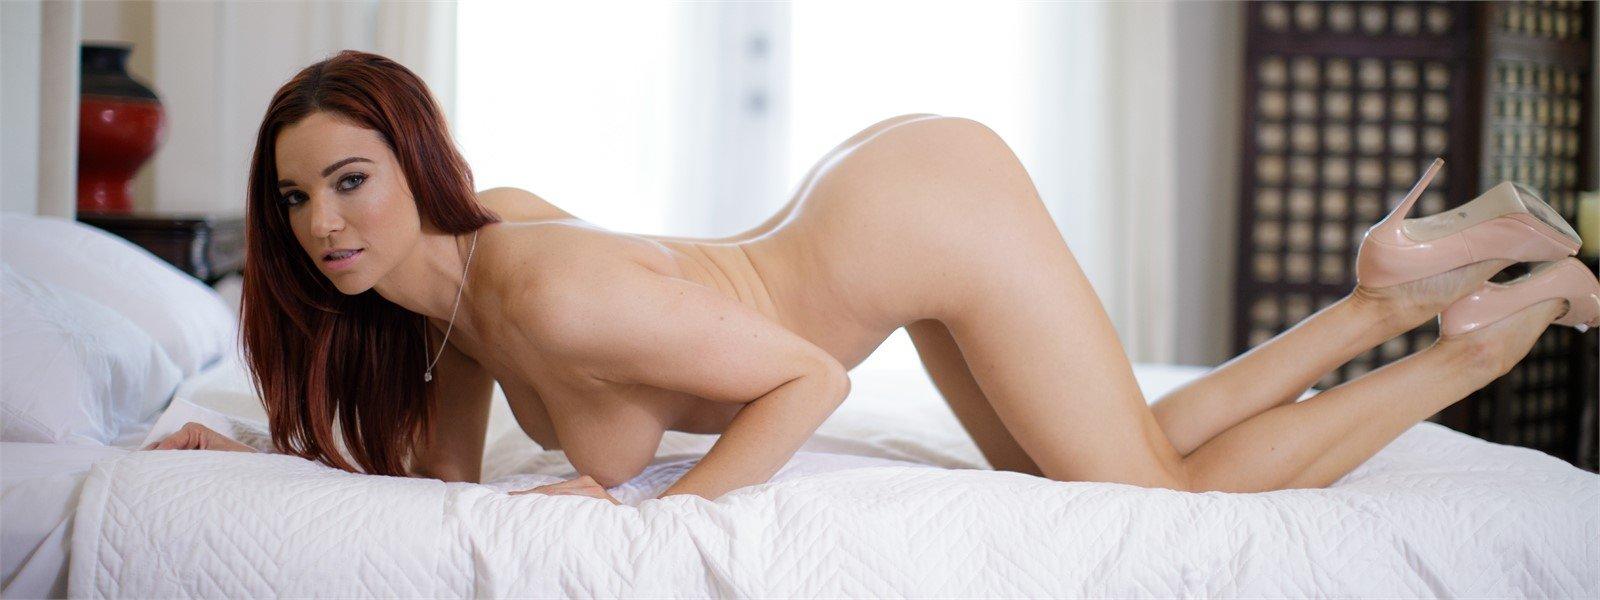 Pornstar jayden cole